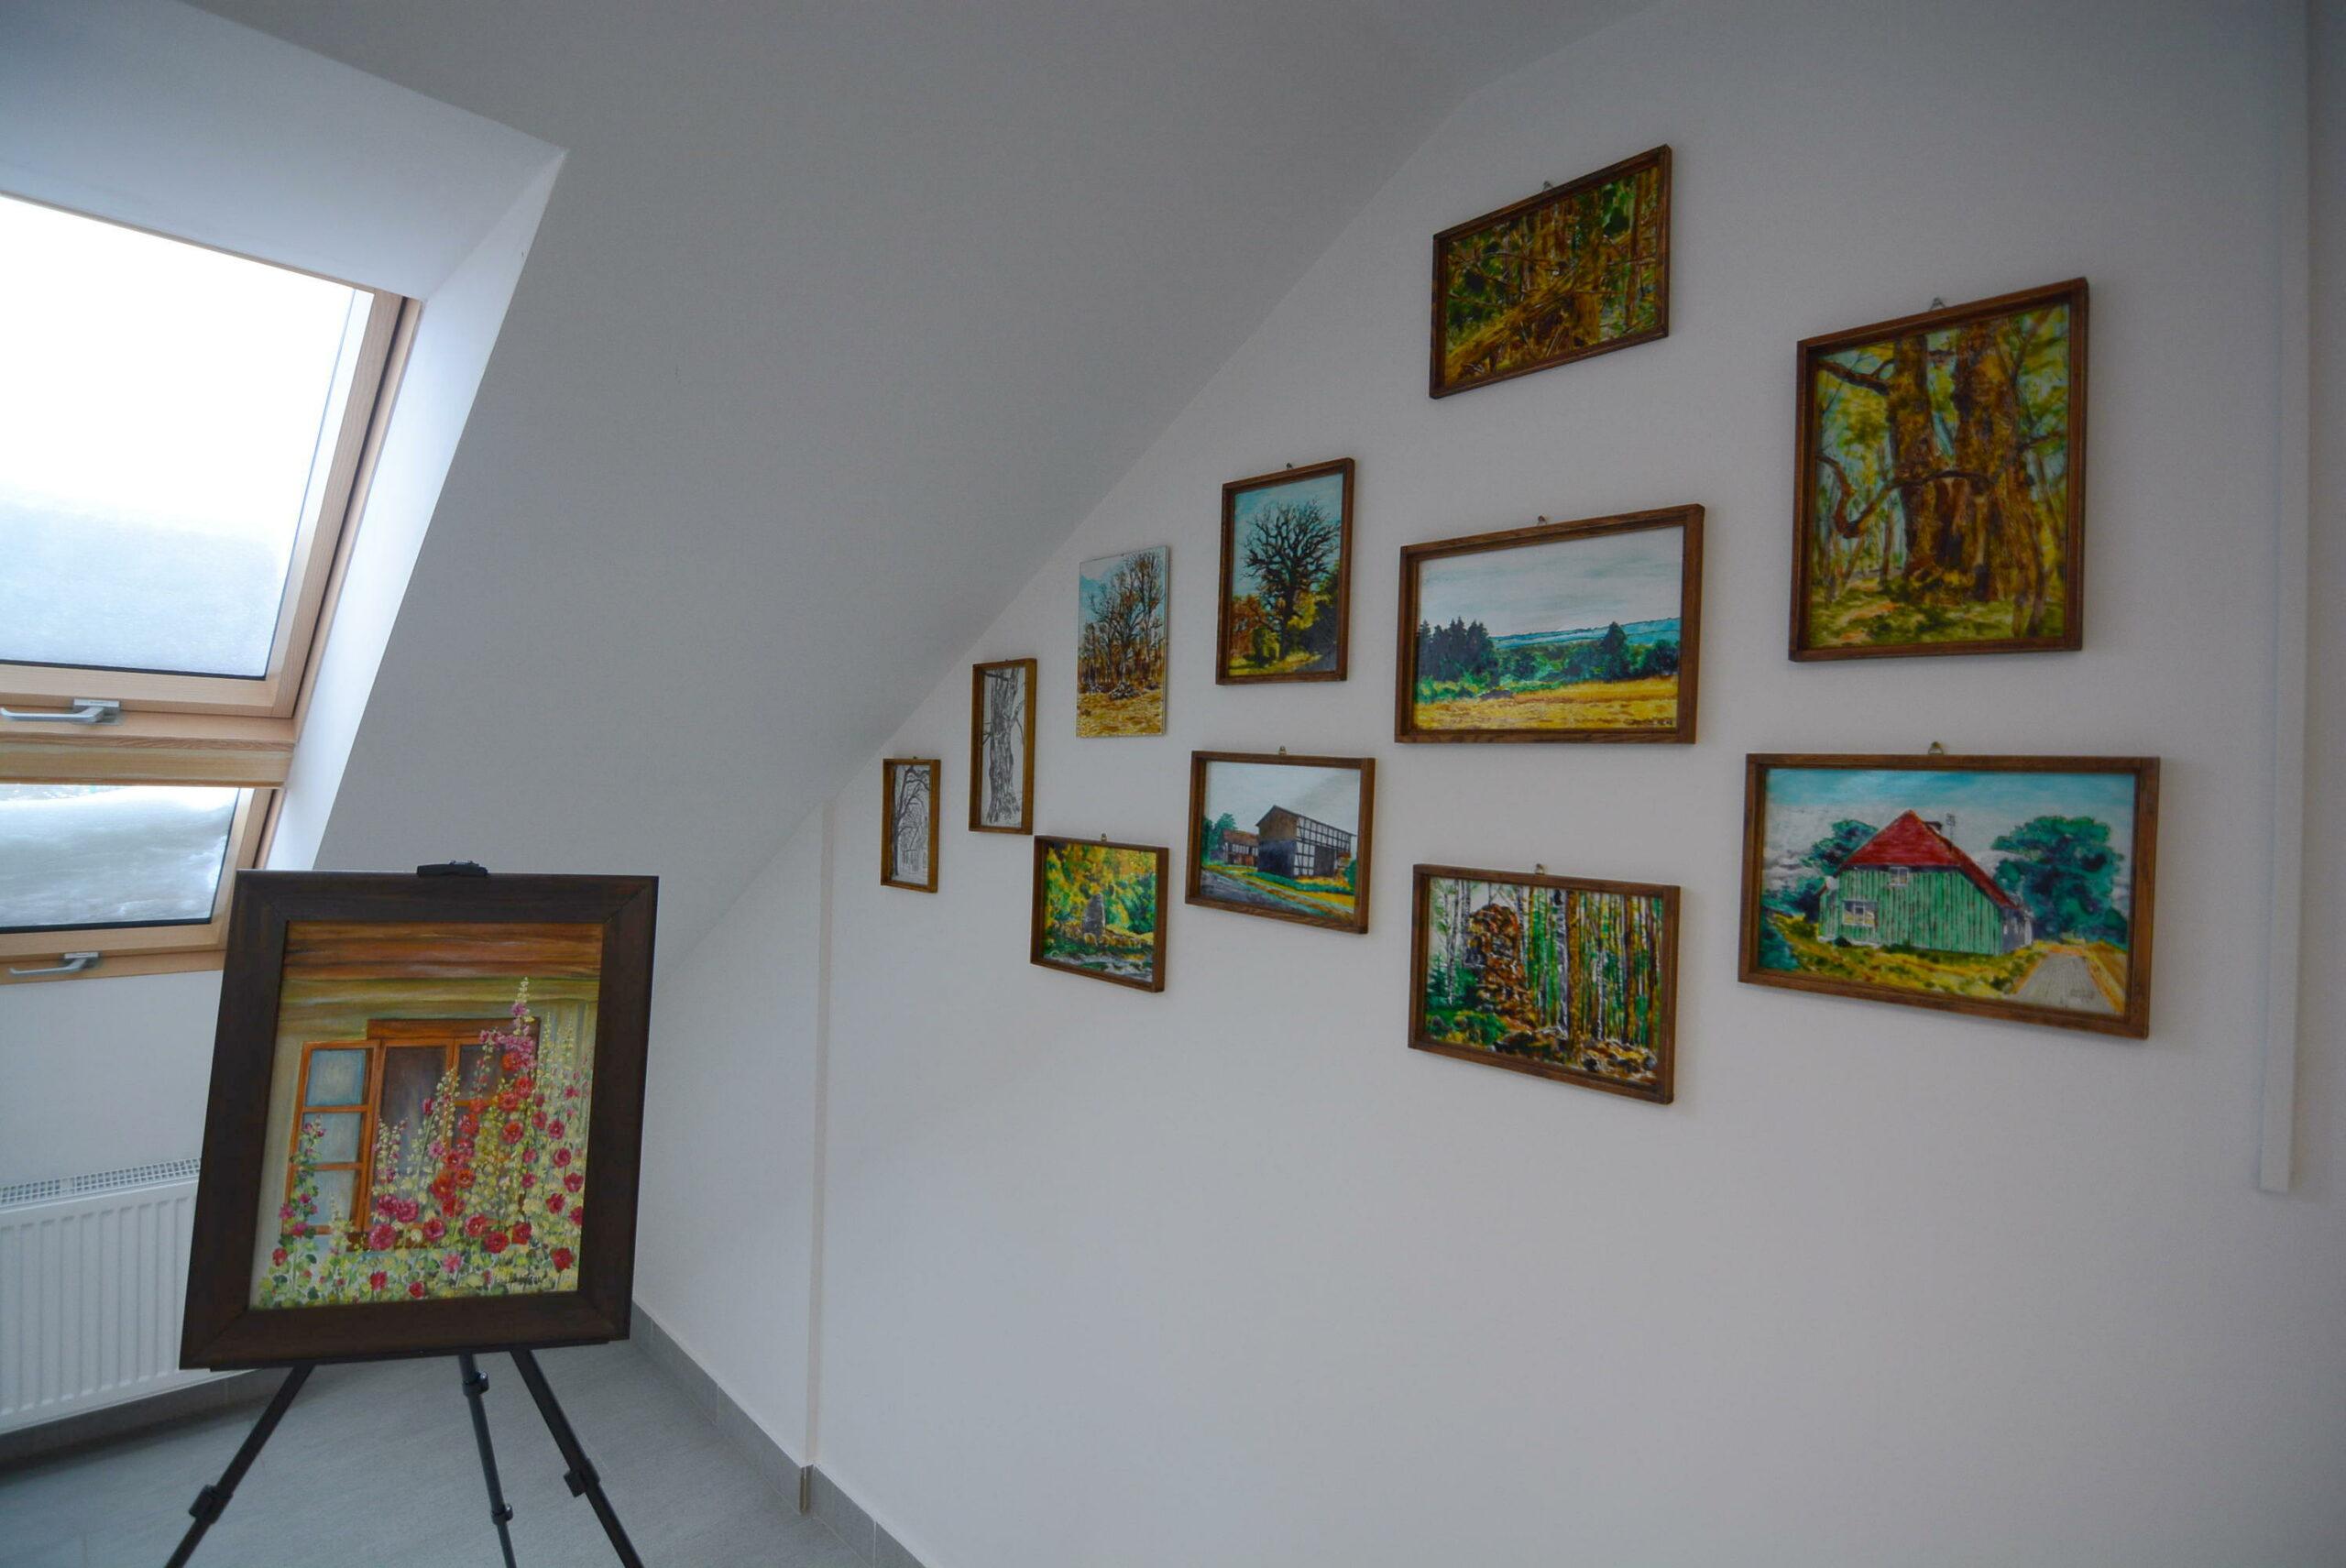 Sztuka na poddaszu. W nowej galerii w Widzinie można zobaczyć prace lokalnych twórców